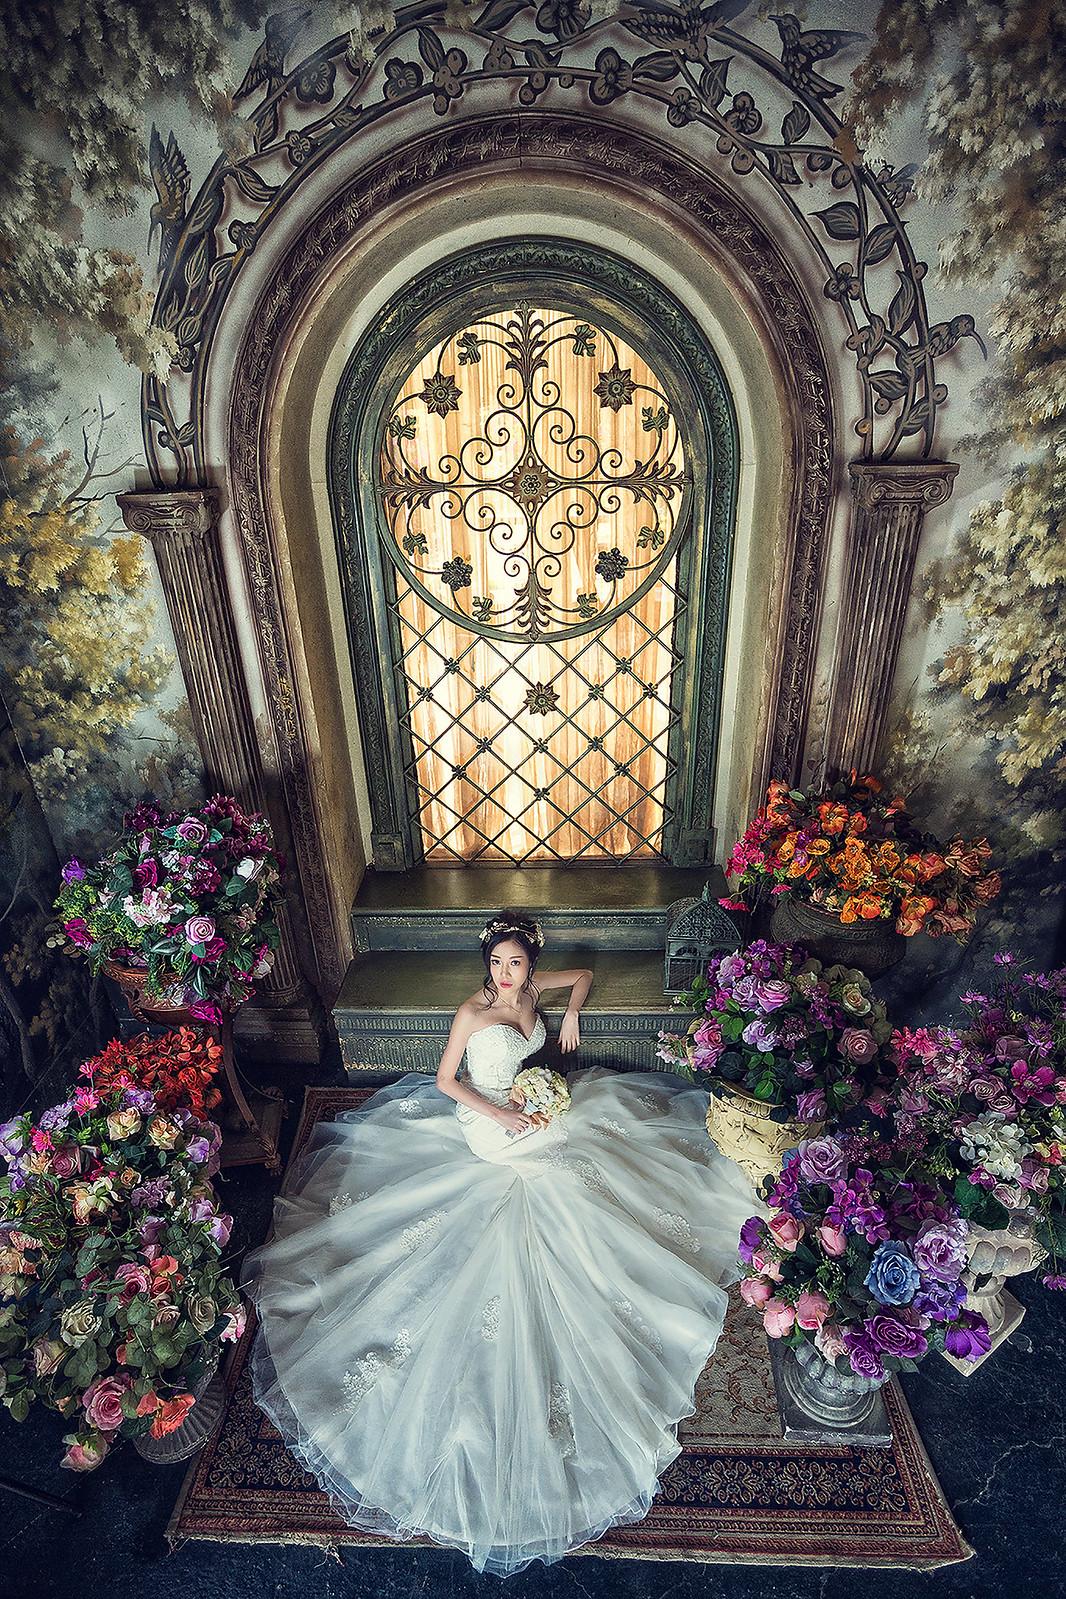 181024-0035-婚紗攝影-閨蜜婚紗-格林奇幻森林-攝影基地-白紗-韓風-油畫-花牆